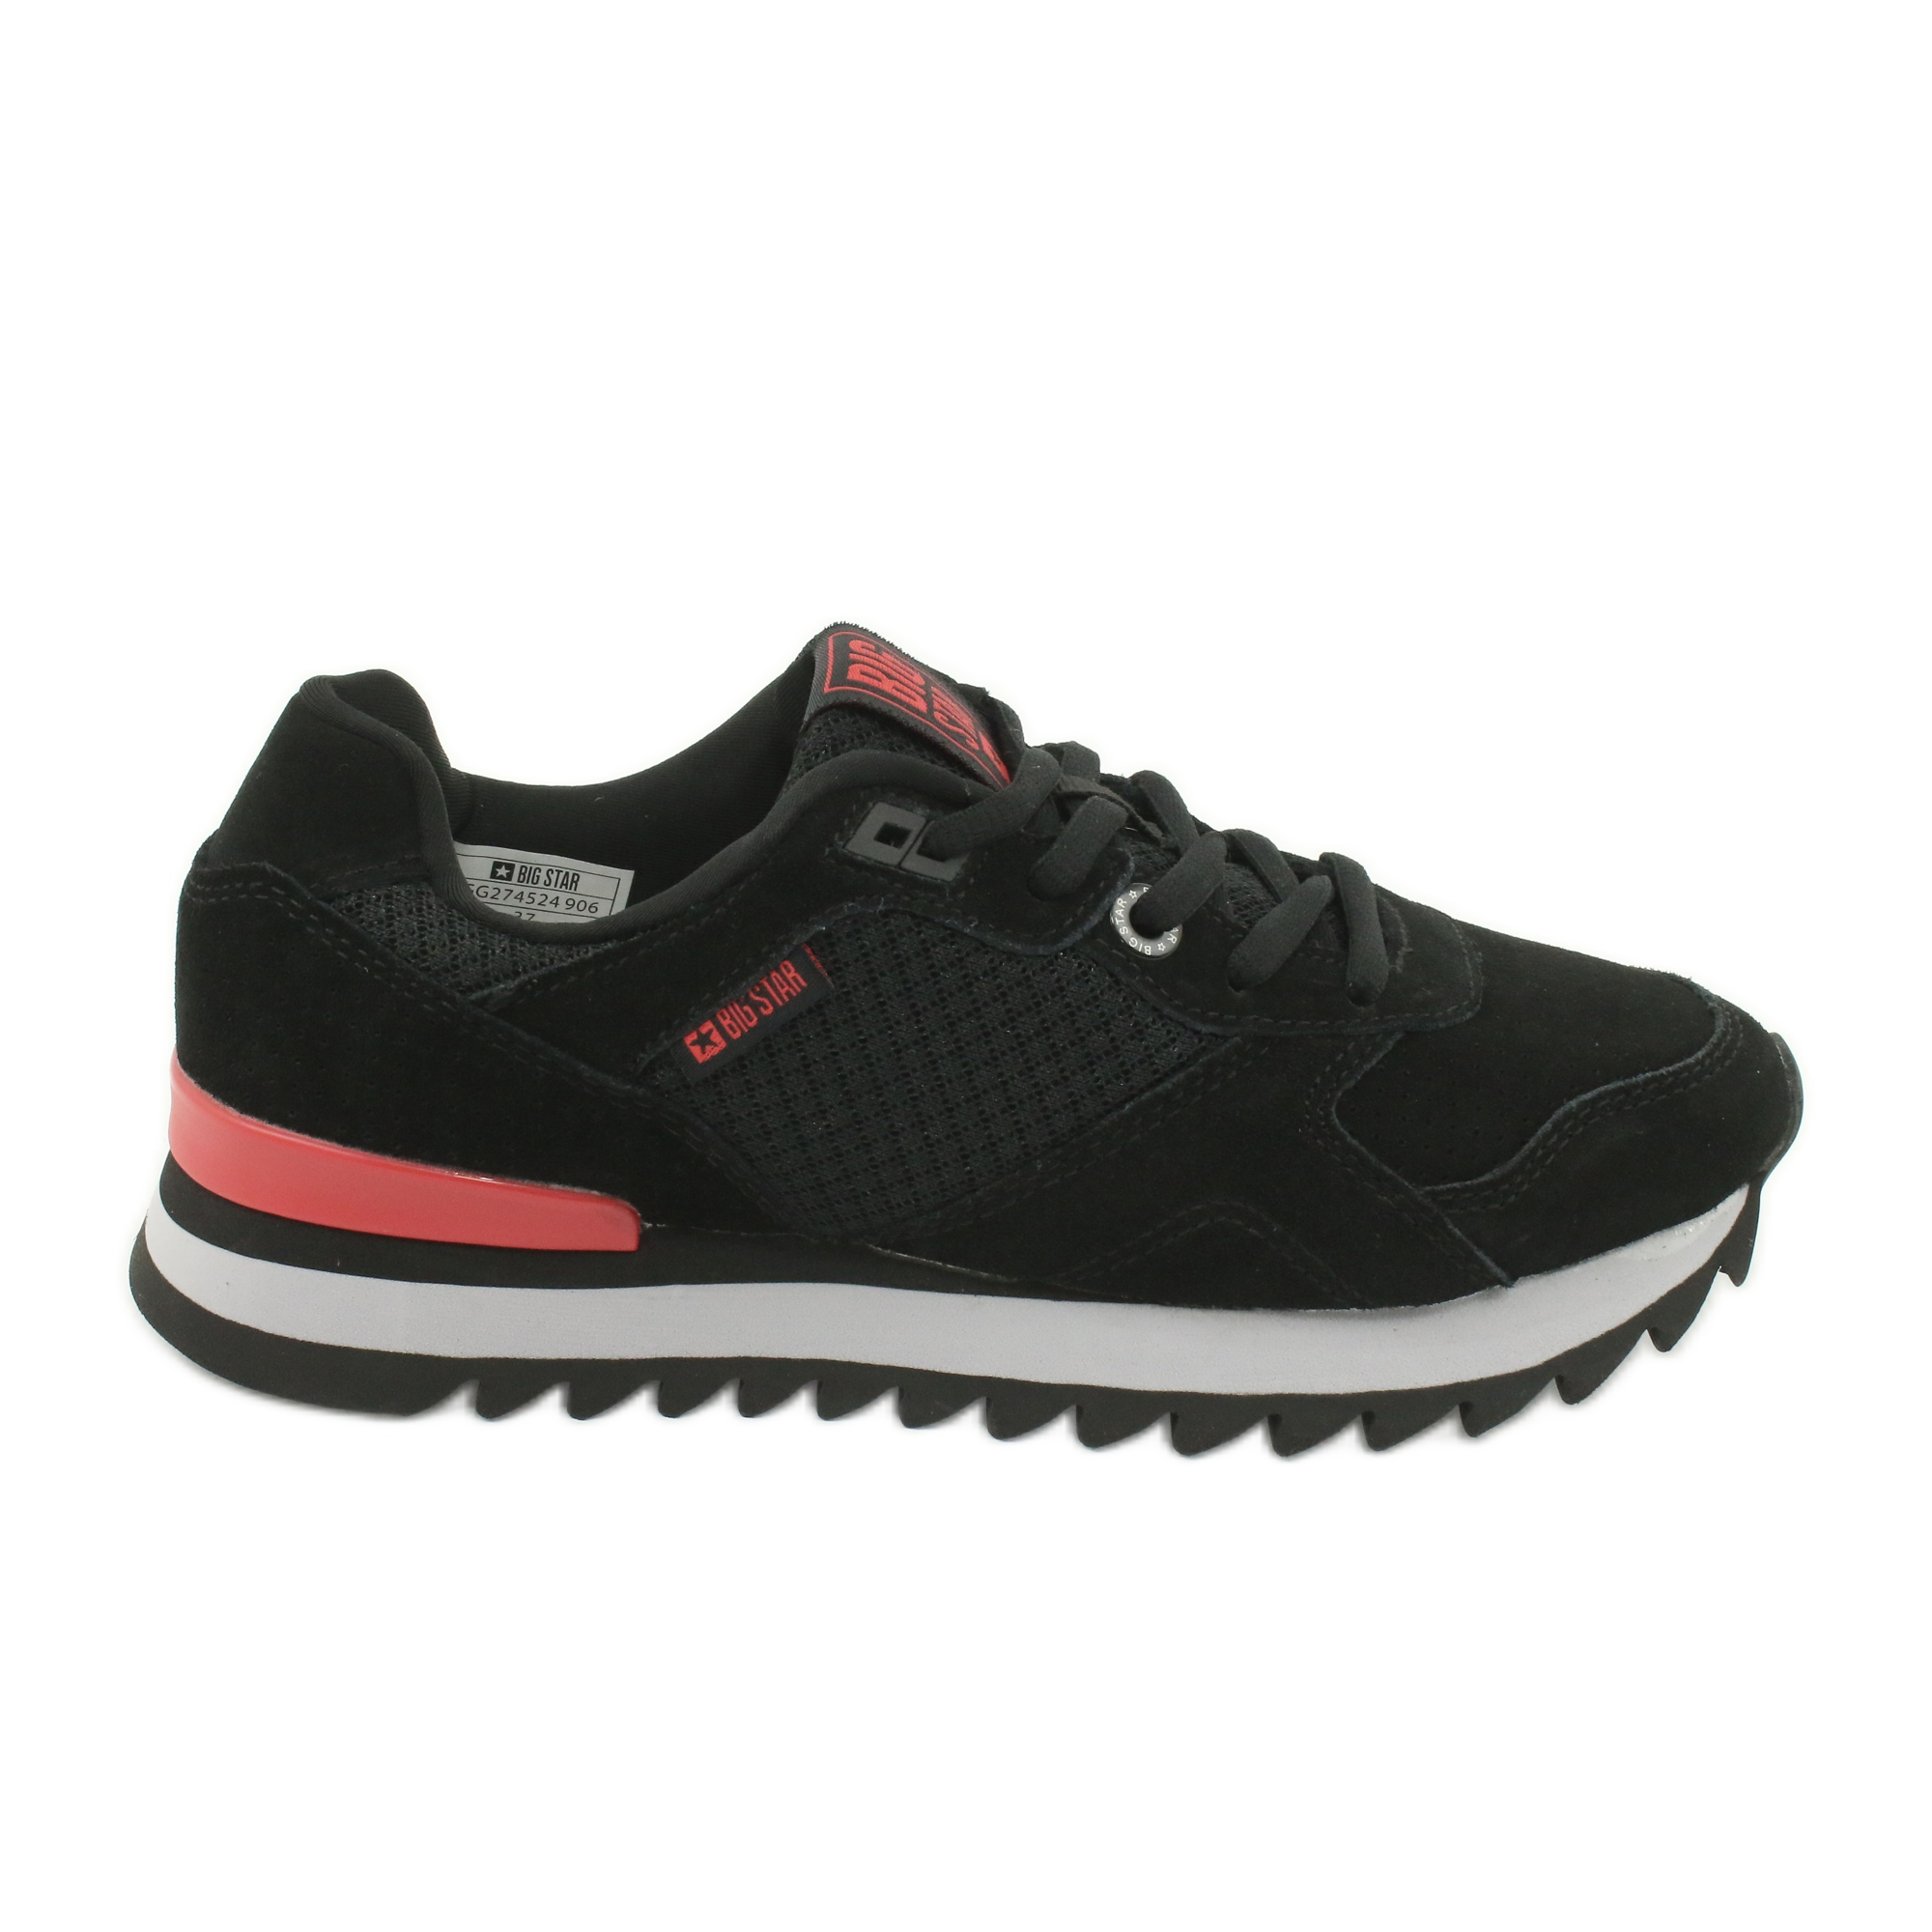 Chaussures de sport BIG STAR GG274524 noir rouge